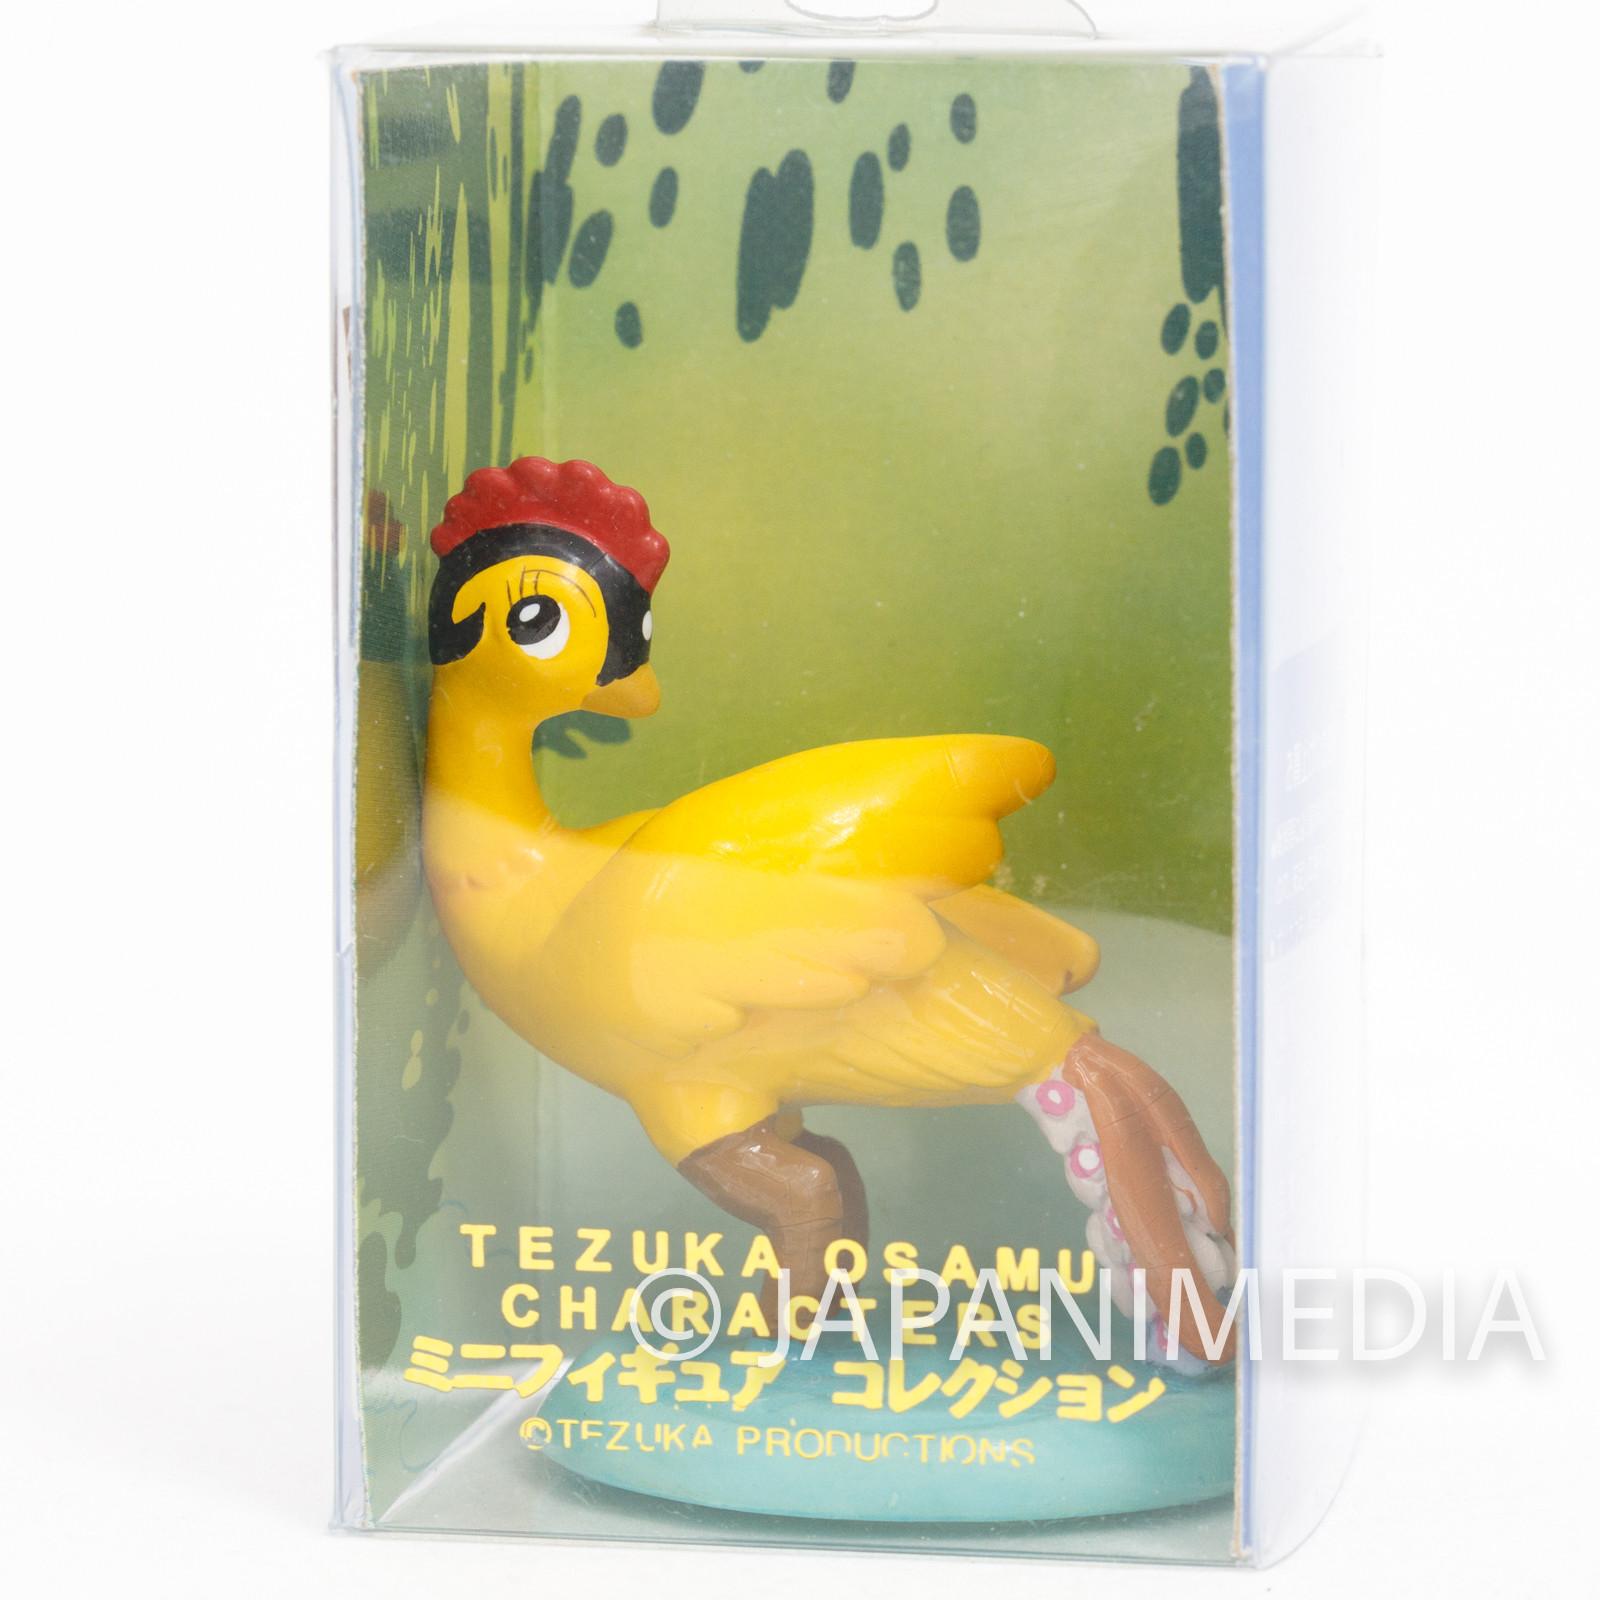 Phoenix Hinotori Mini Figure Collection Box 1999 Osamu Tezuka JAPAN ANIME